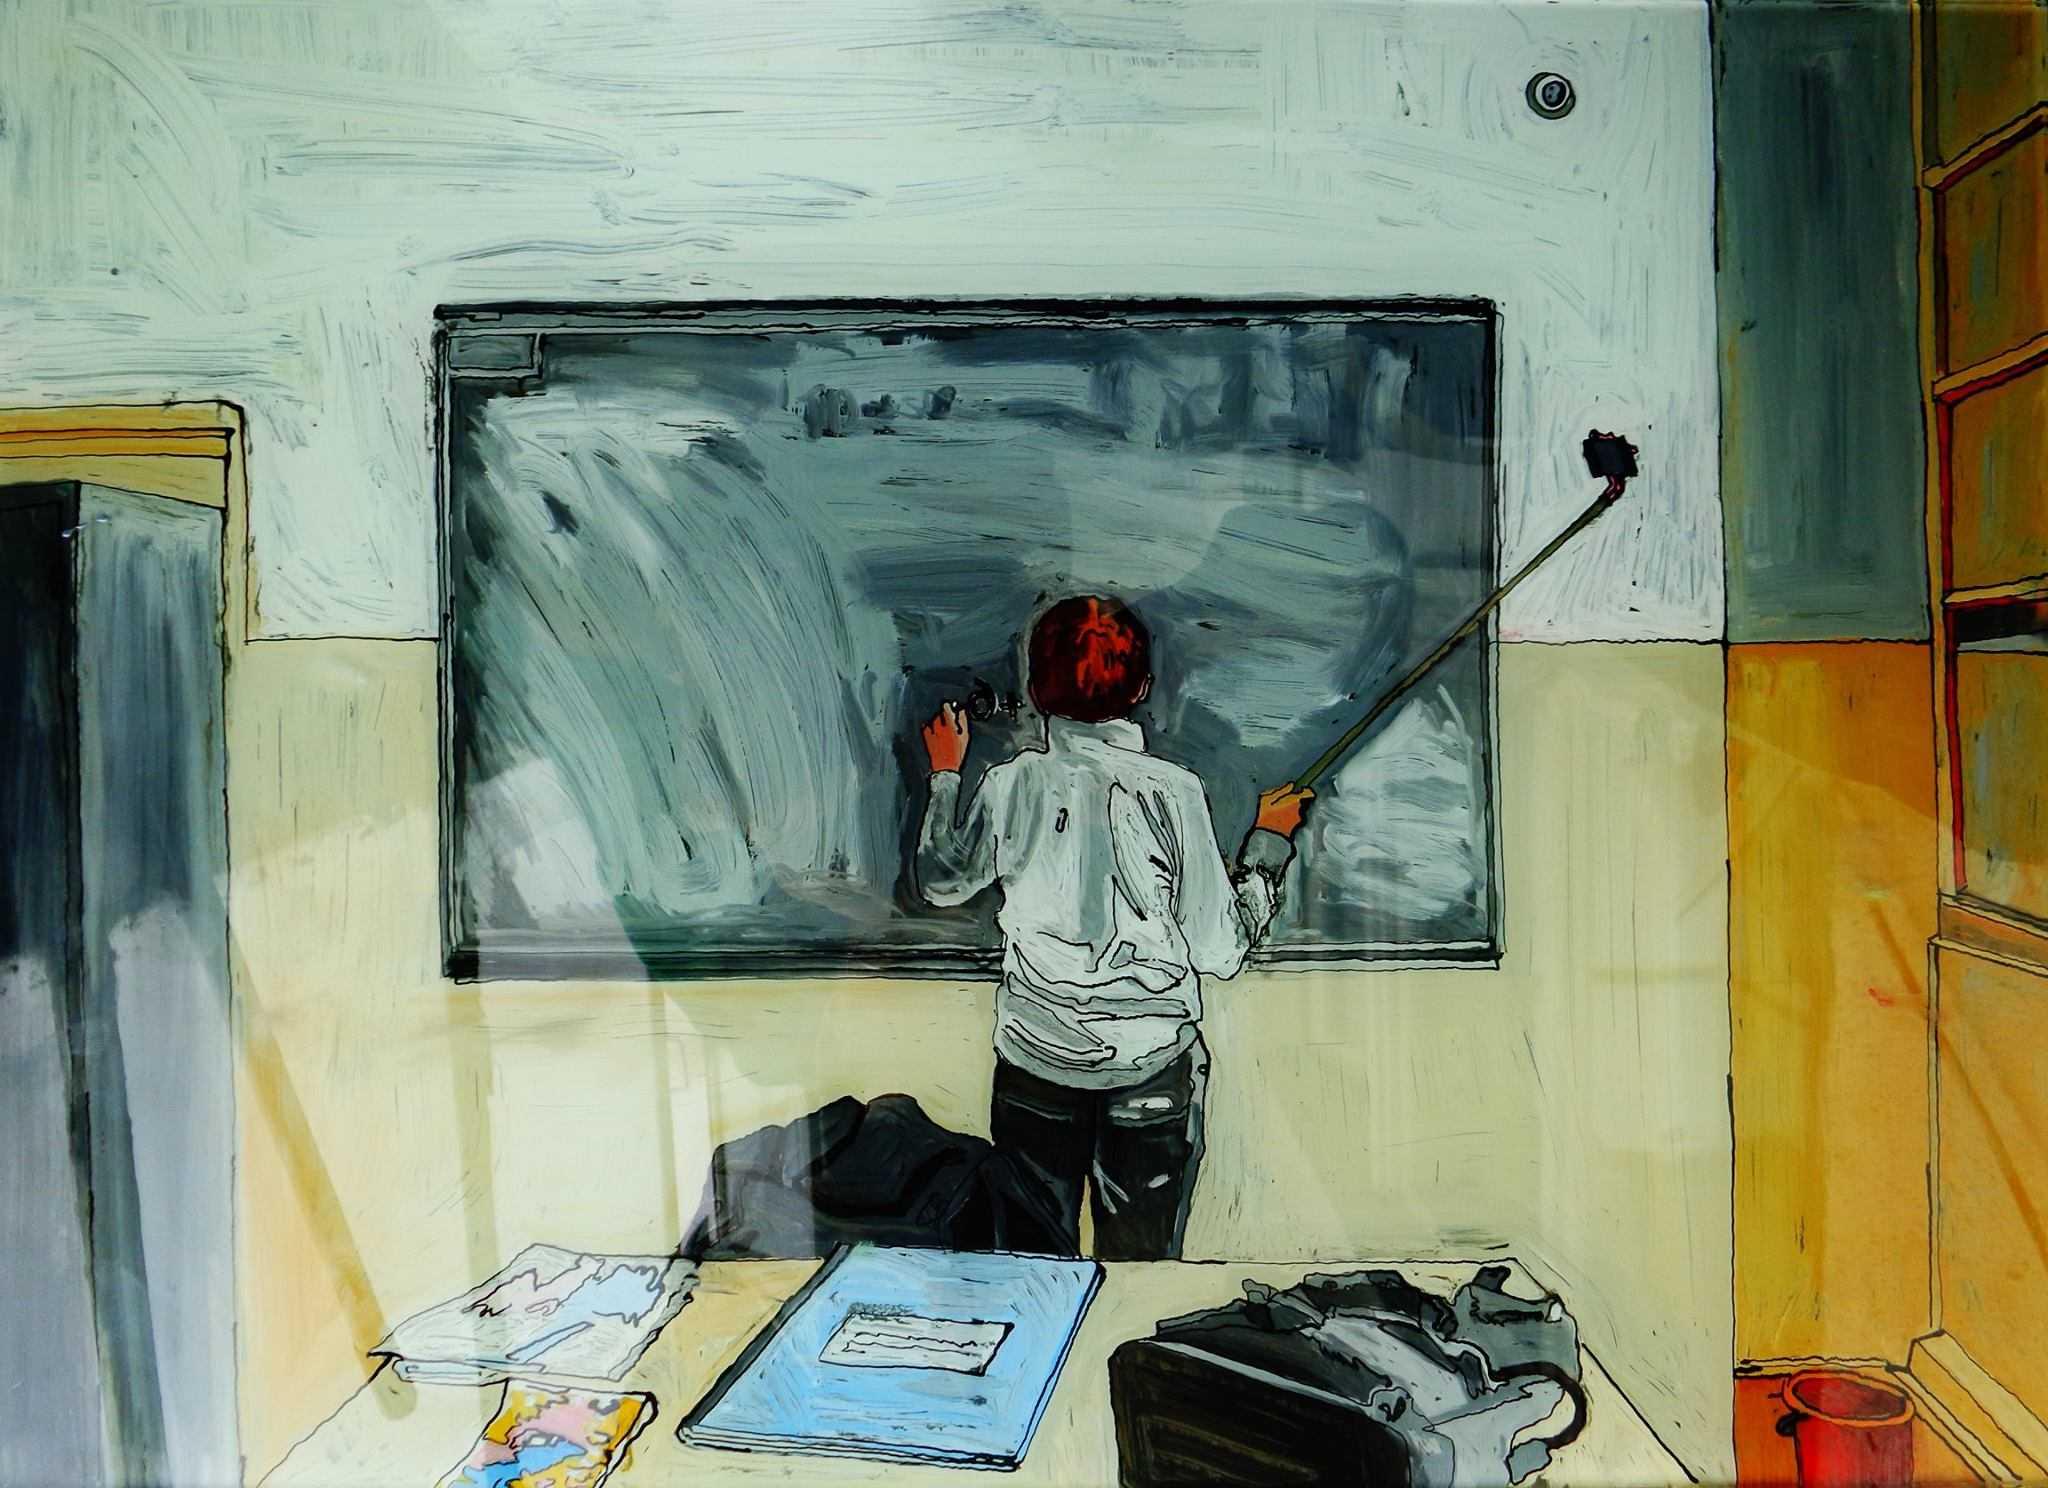 DEȘCOLARIZAREA. Planul-cadru pentru invatamantul gimnazial: EXPERIMENTUL FATAL aplicat SCOLII ROMÂNEȘTI?/ Umberto Eco si BOALA PIERDERII MEMORIEI